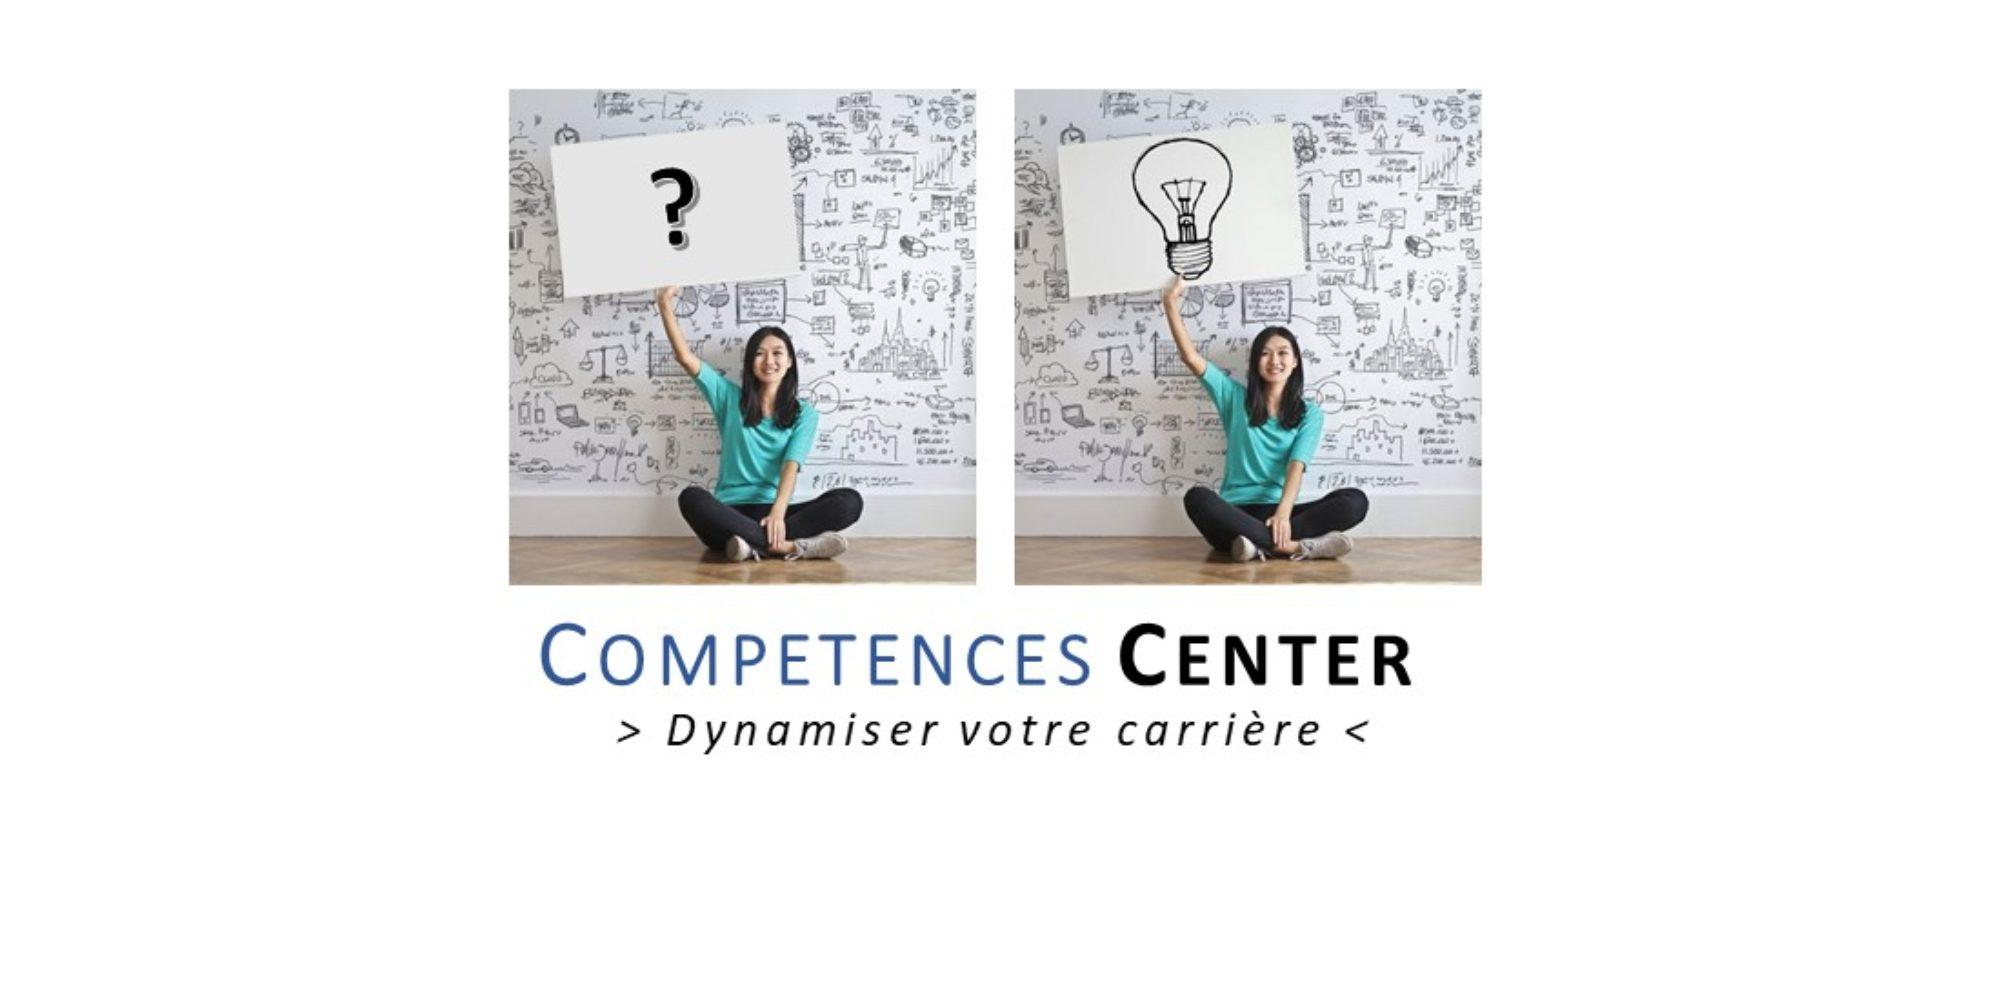 COMPETENCES CENTER